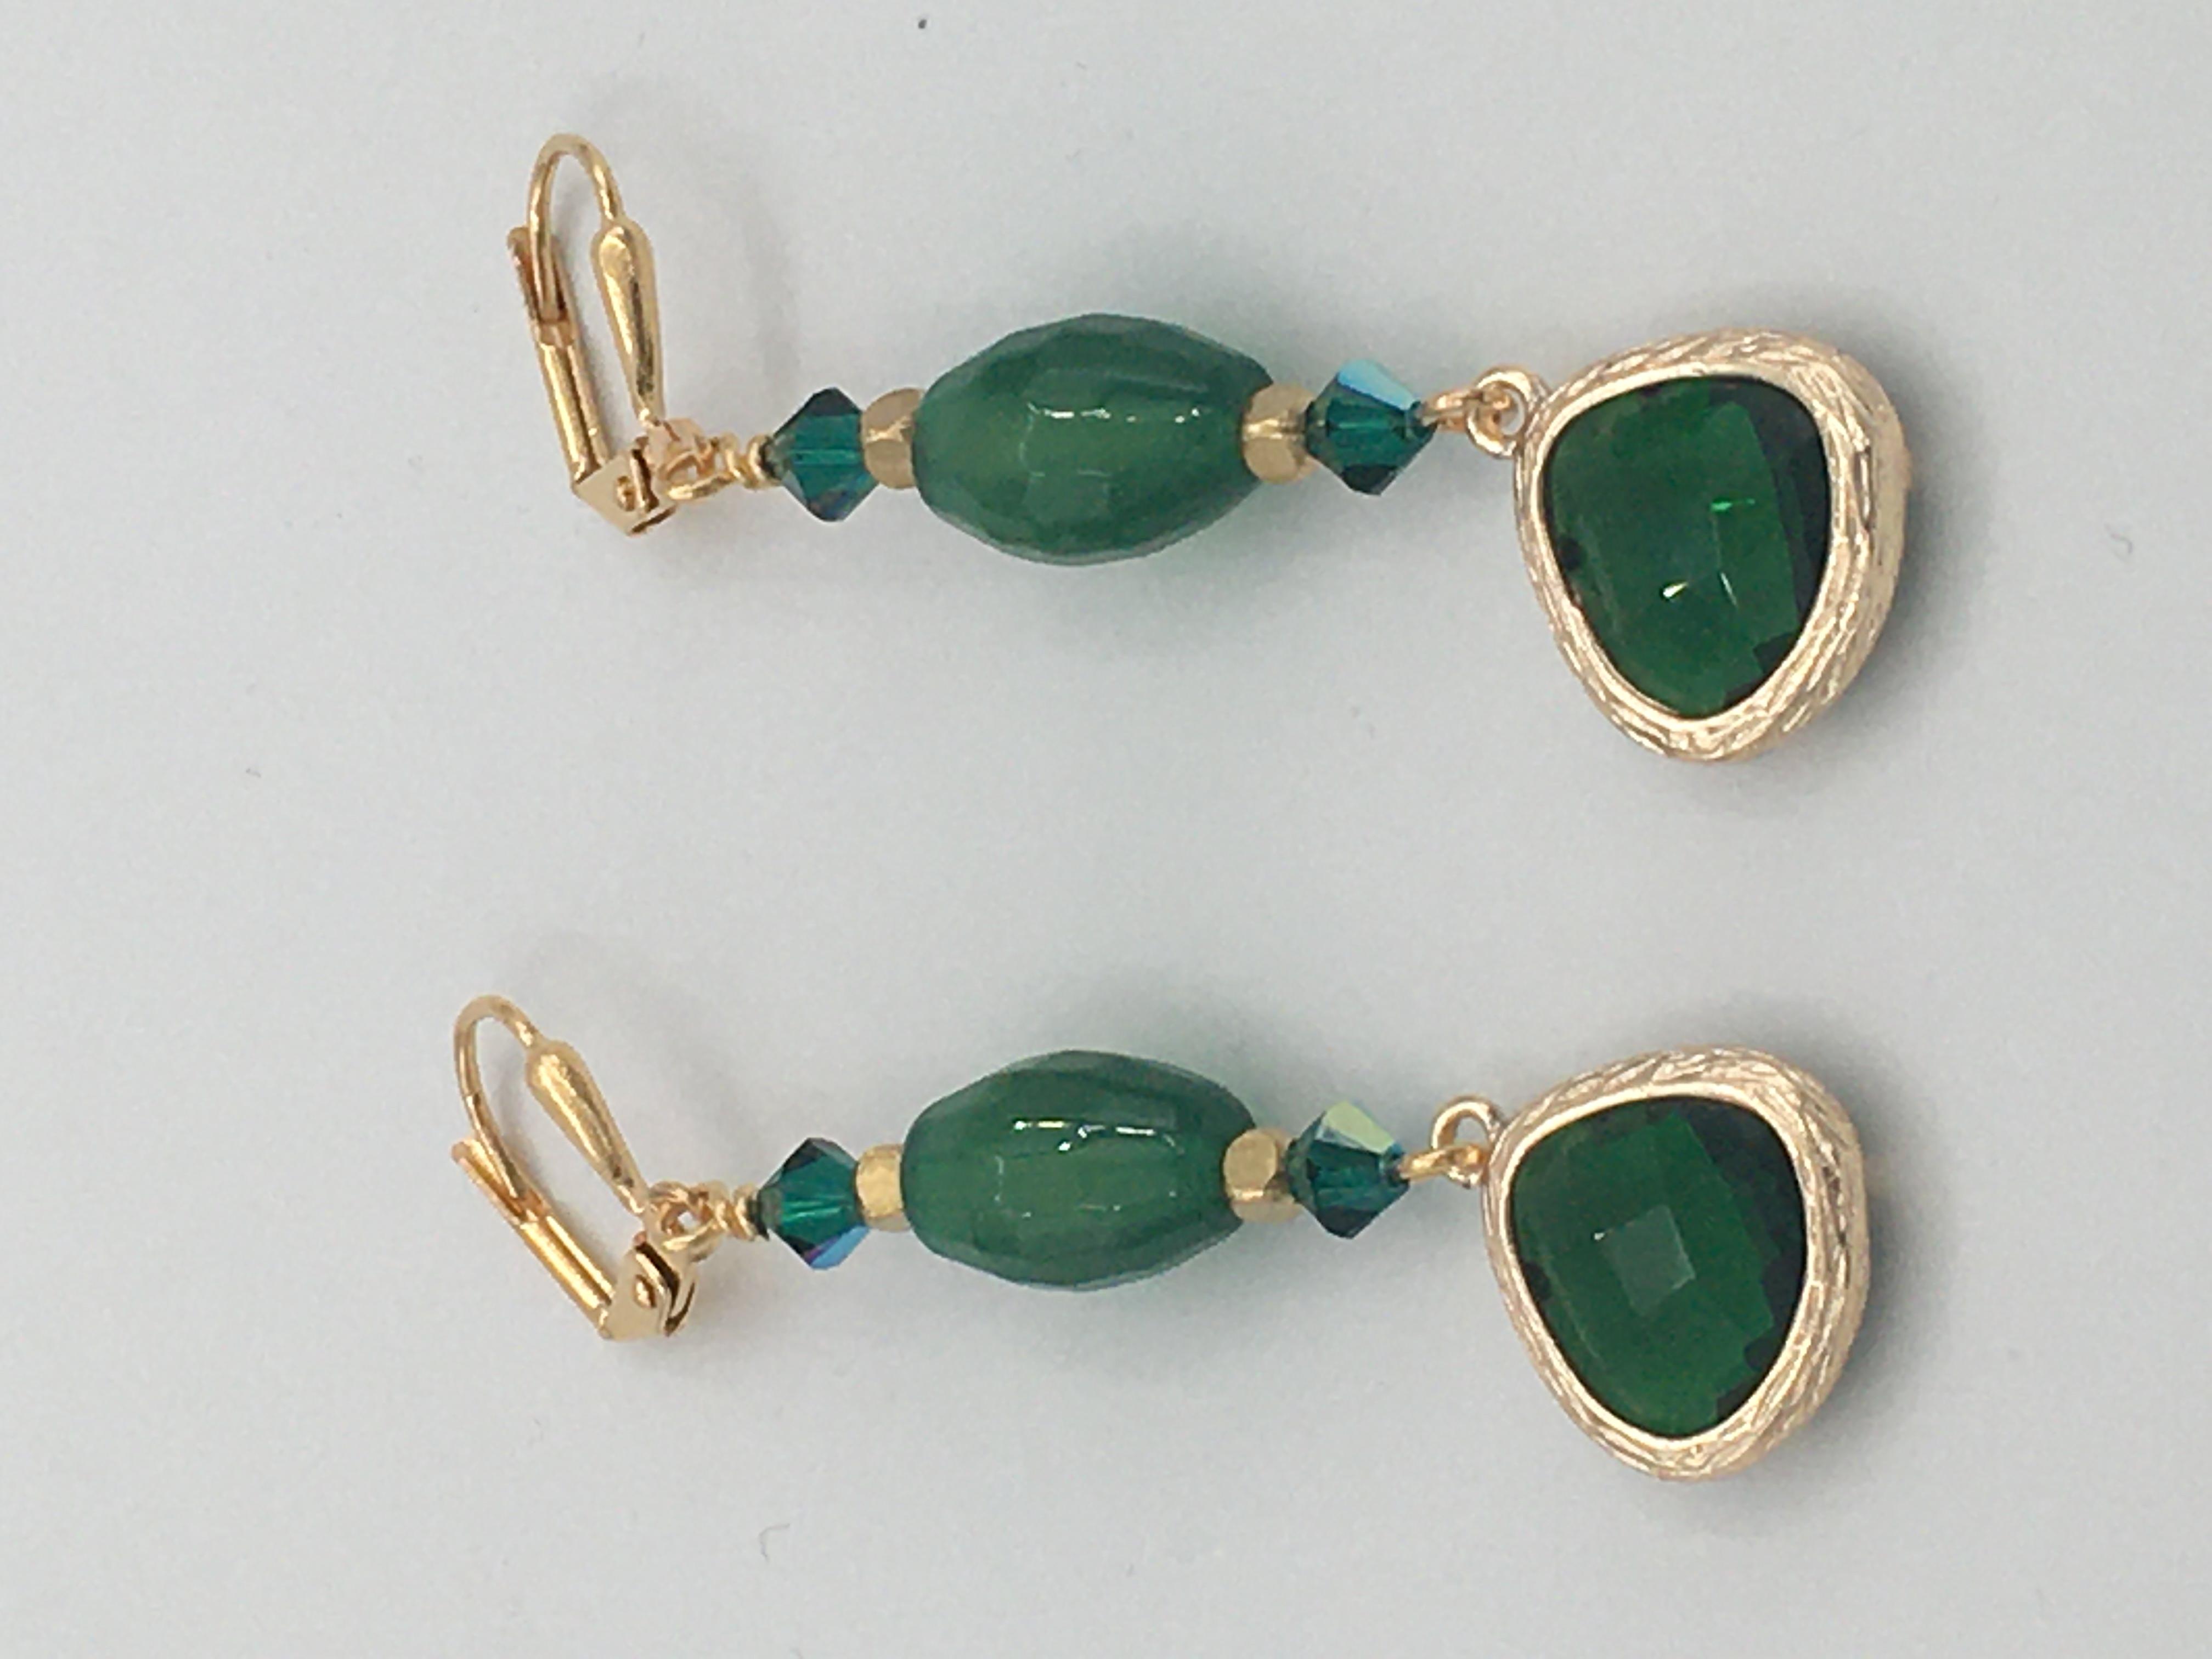 Agate Swarovski Crystals - Earrings Image